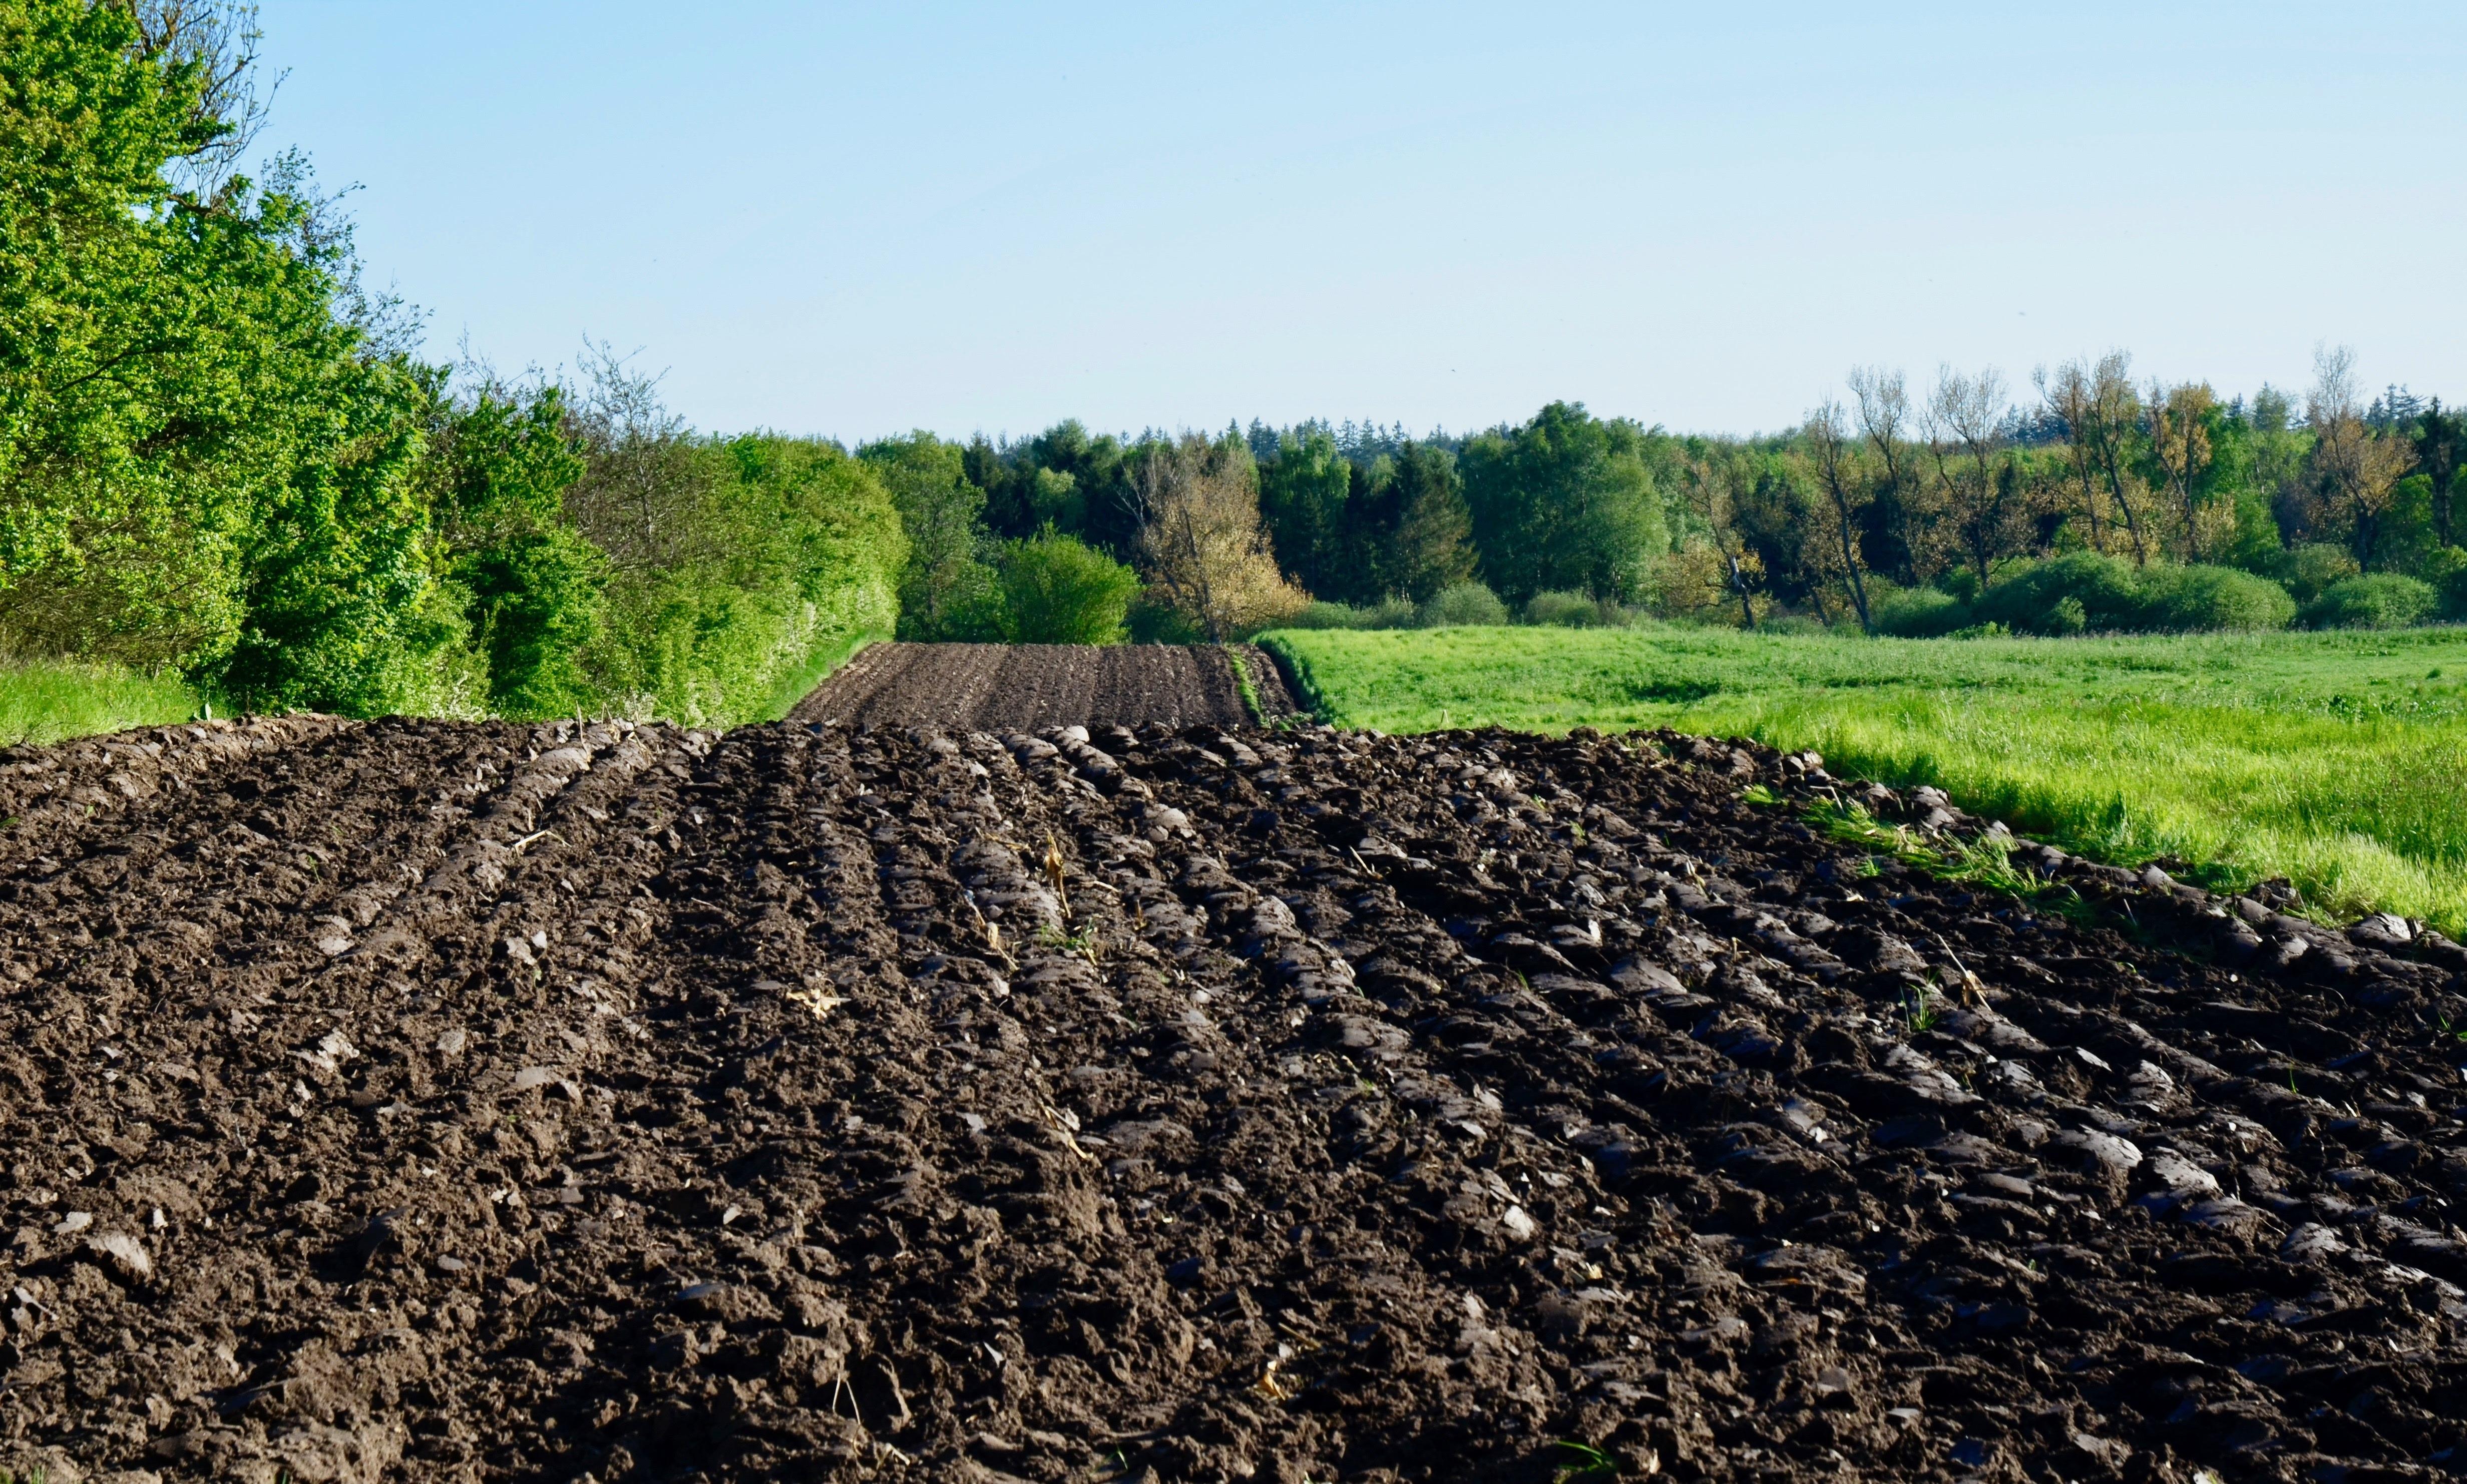 Materia orgánica e importancia en agricultura